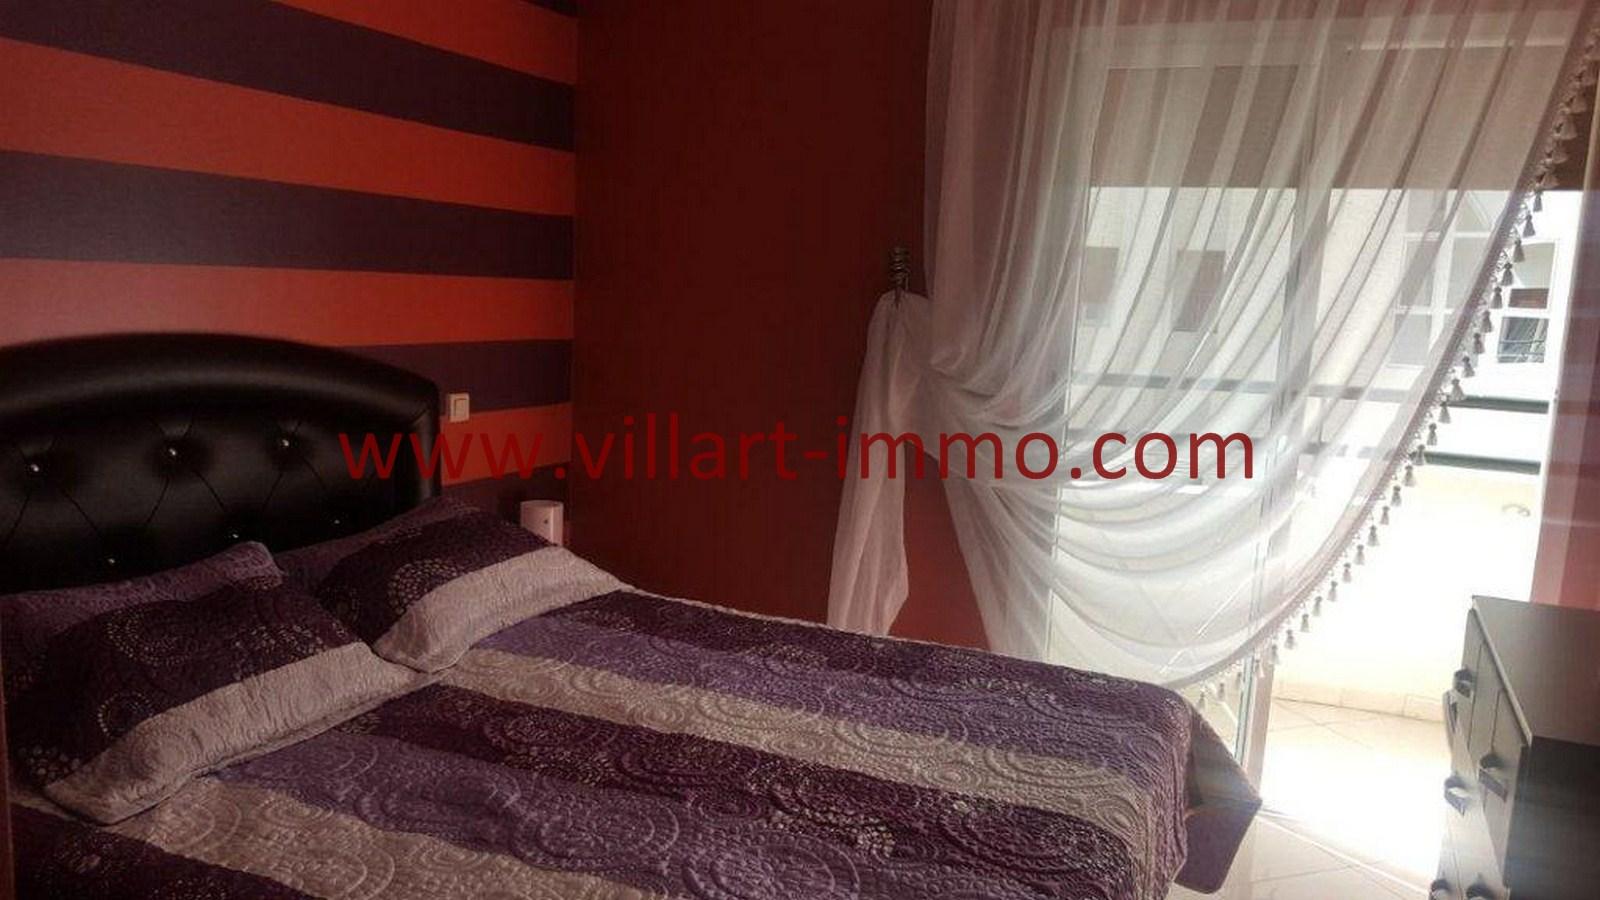 3-Vente-Appartement-Tanger-Chambre à coucher -VA514-Route de Rabat-Villart Immo